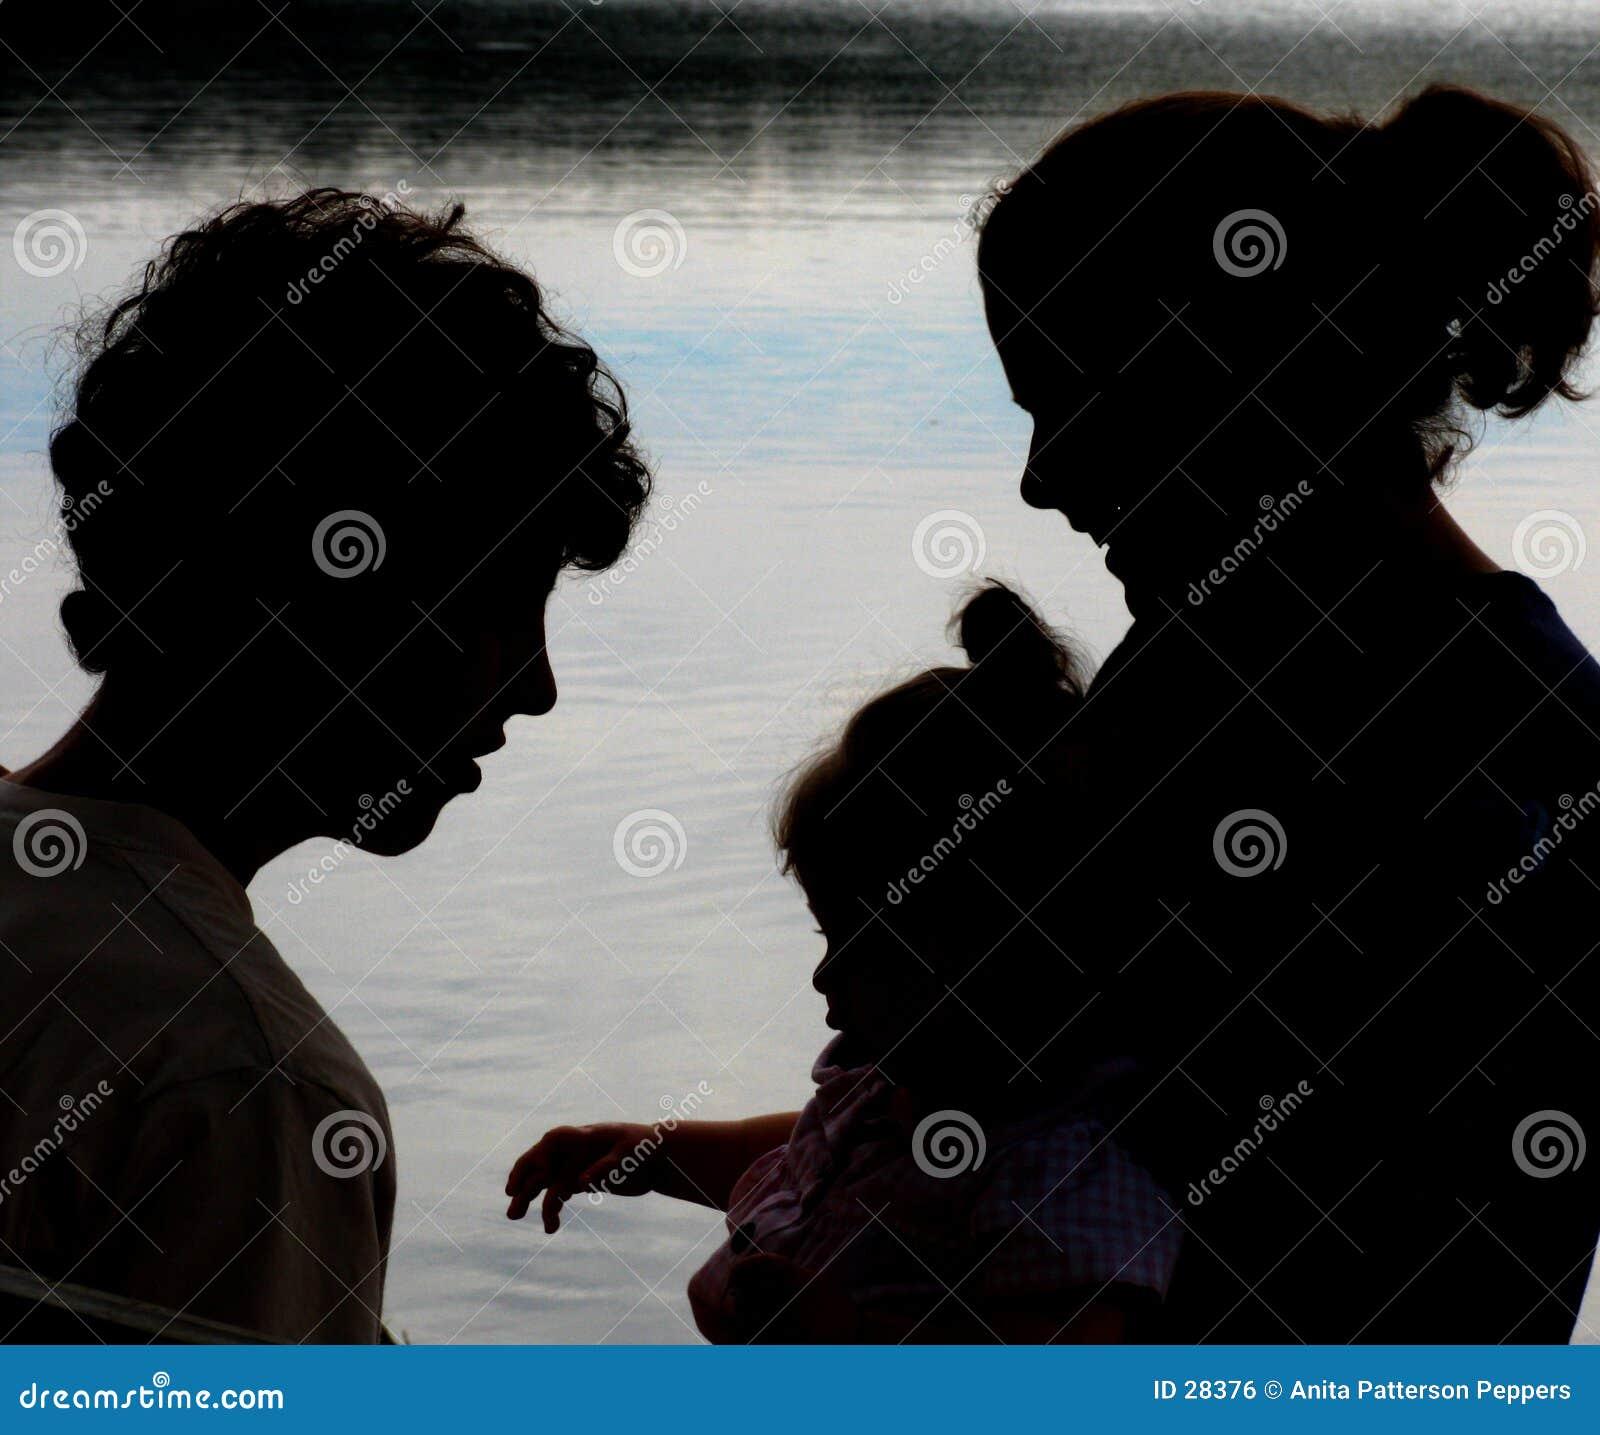 Download Familien-Schattenbild stockfoto. Bild von vater, zicklein - 28376